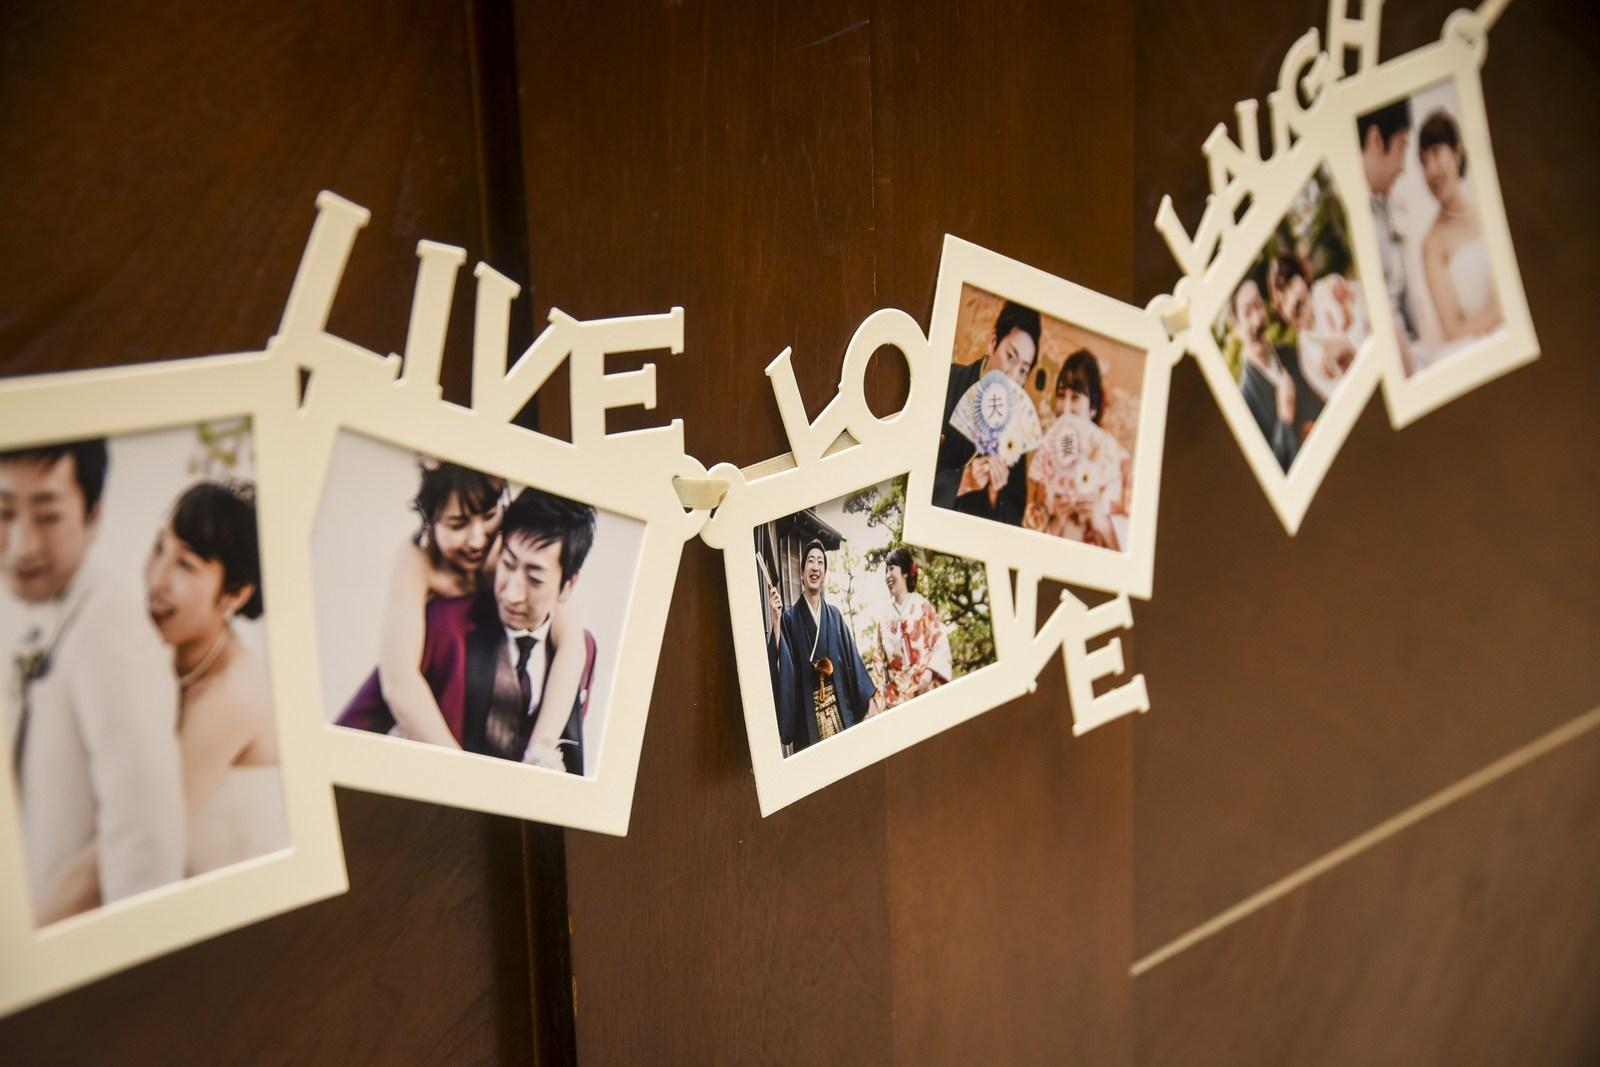 徳島市の結婚式場ブランアンジュで受付ロビーで新郎新婦様の人となりを感じるウエルカムグッズ